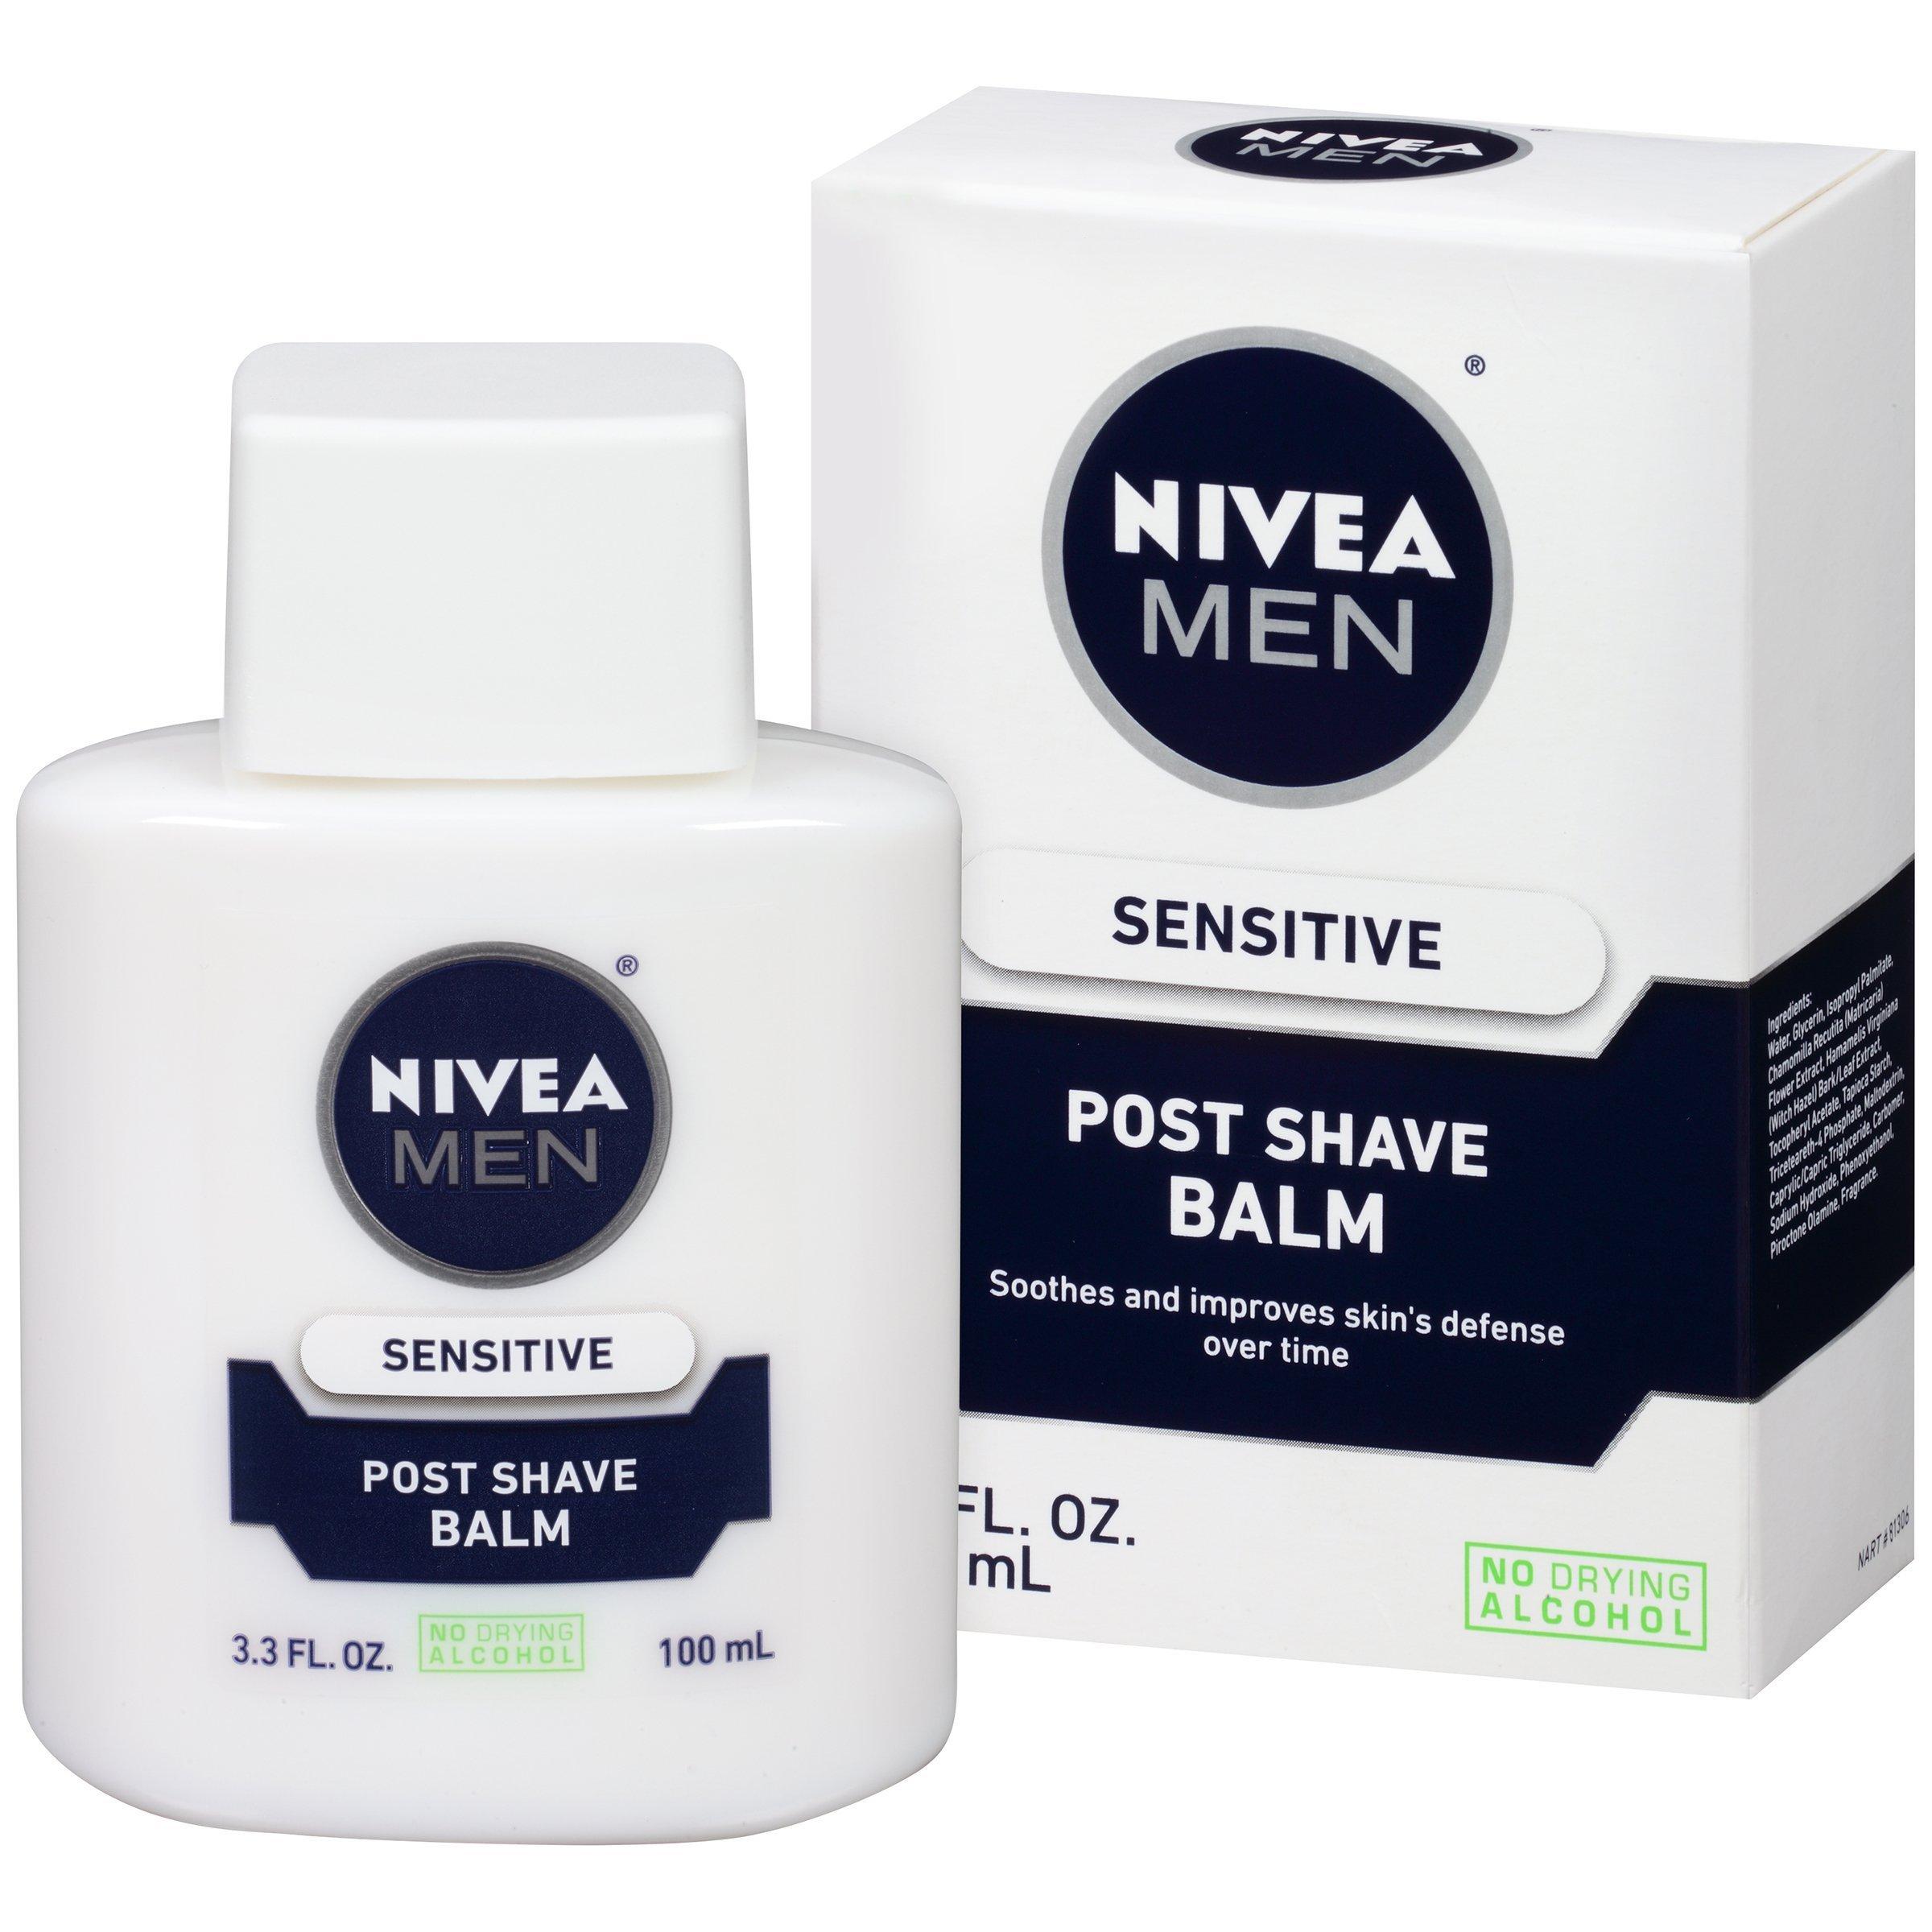 NIVEA Men Sensitive Post Shave Balm - Soothes and Moistuizes Skin After Shaving - 3.3 fl. oz. Bottle (Pack of 3)